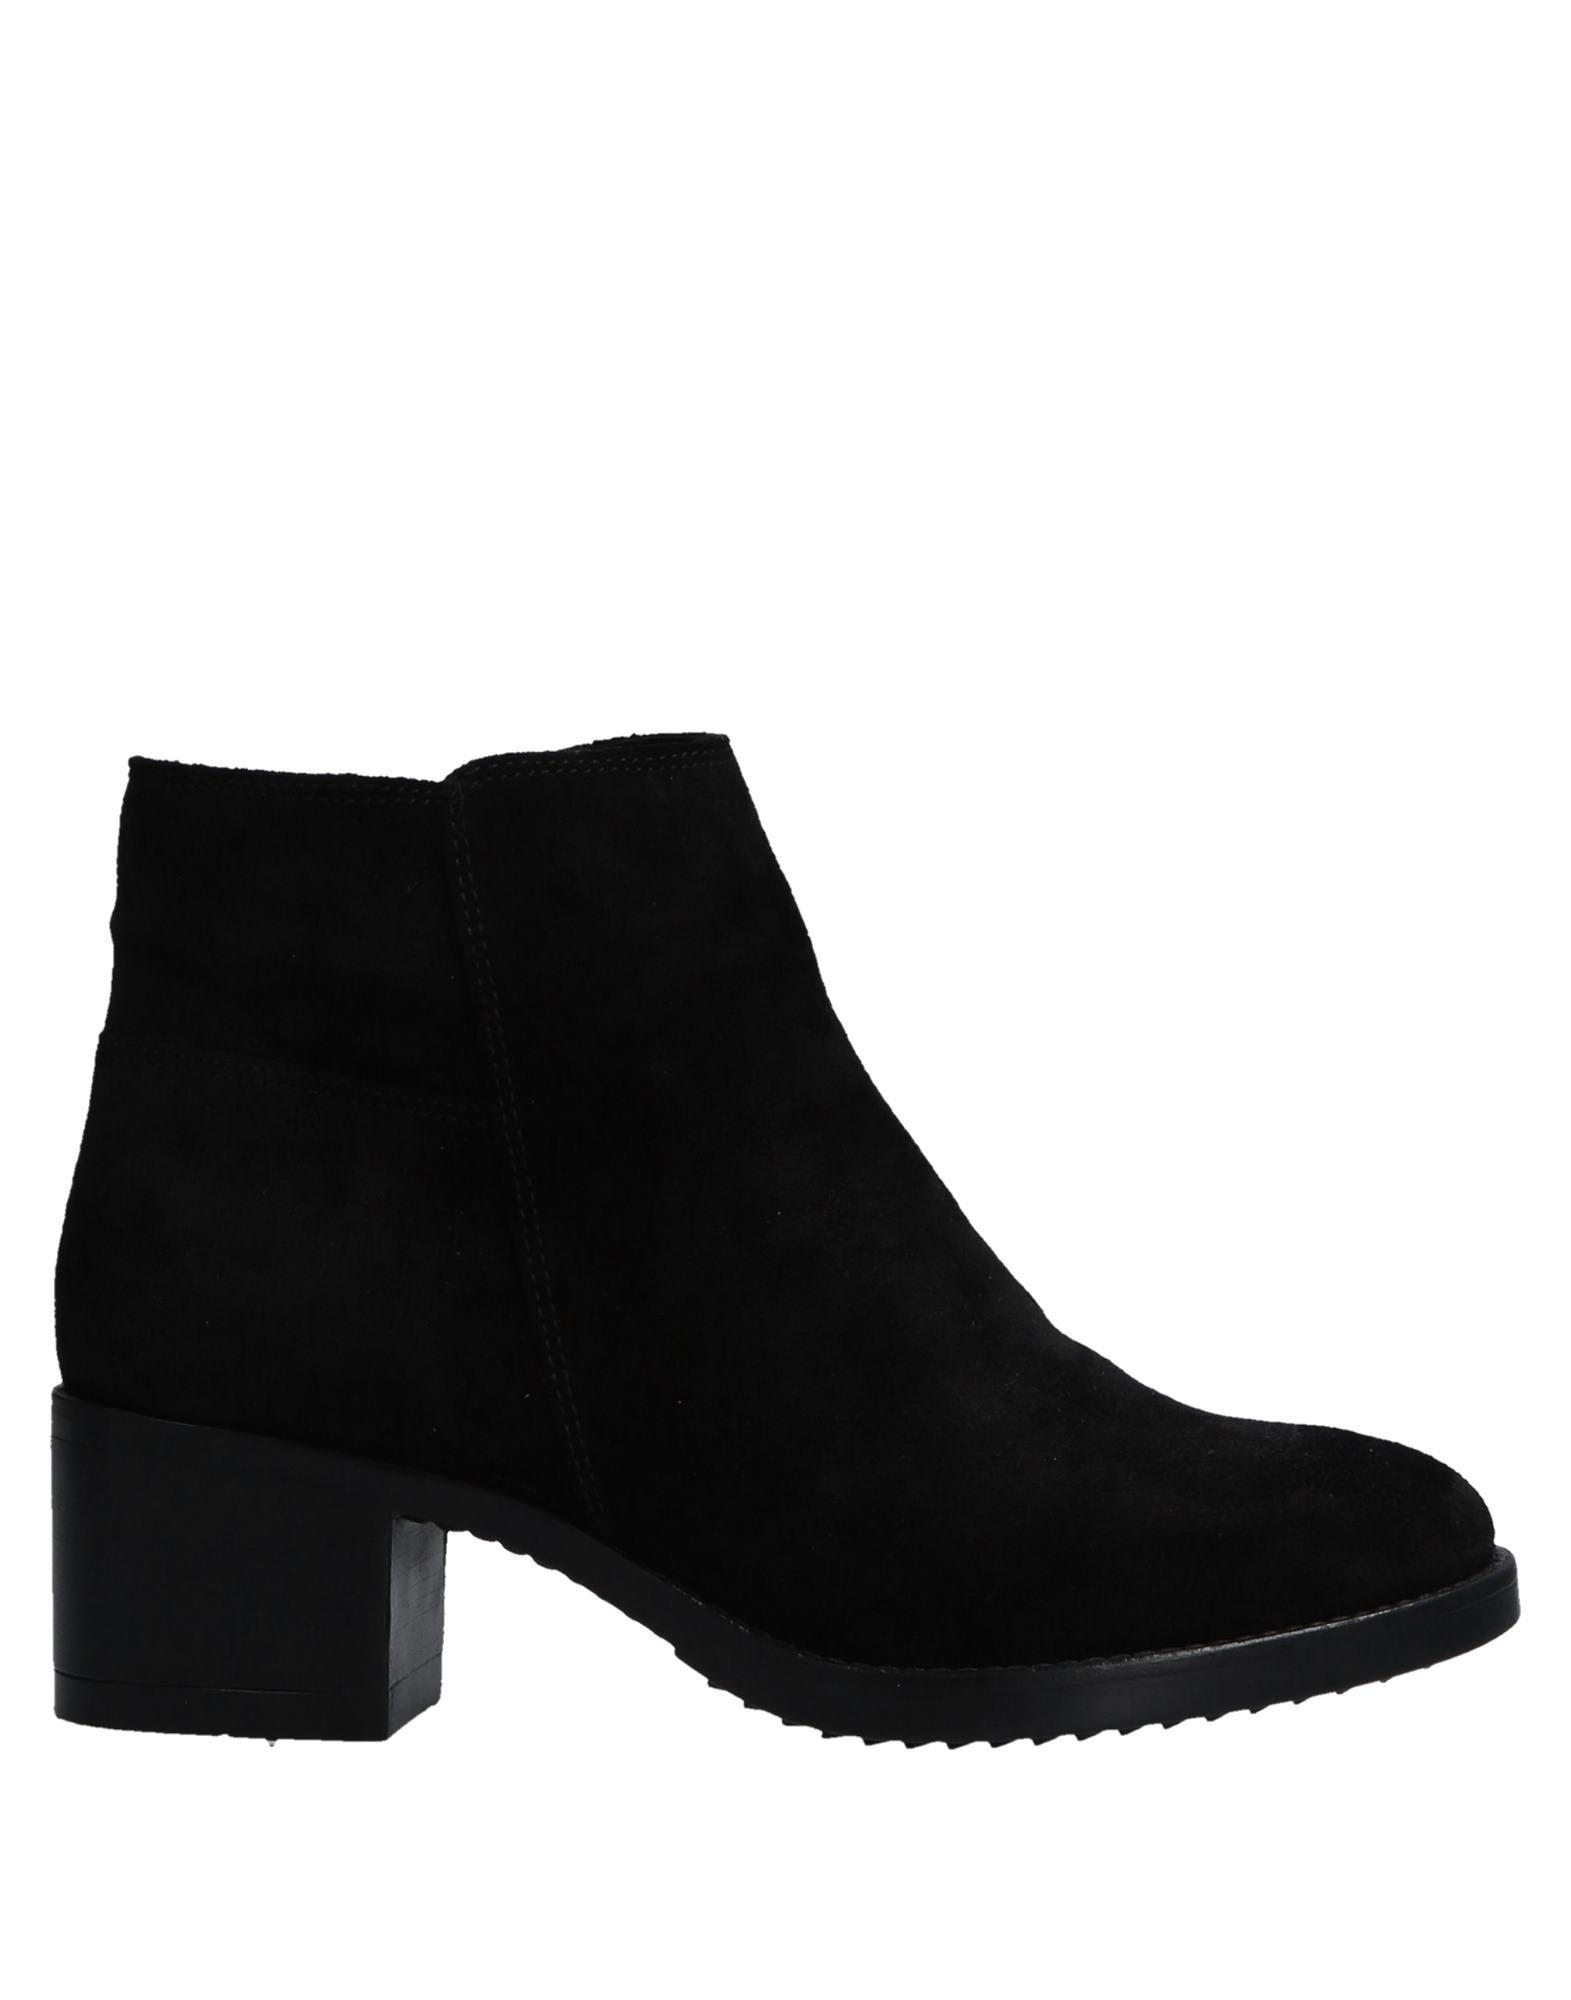 Fratelli Karida Stiefelette Damen  11532032LC Gute Qualität beliebte Schuhe